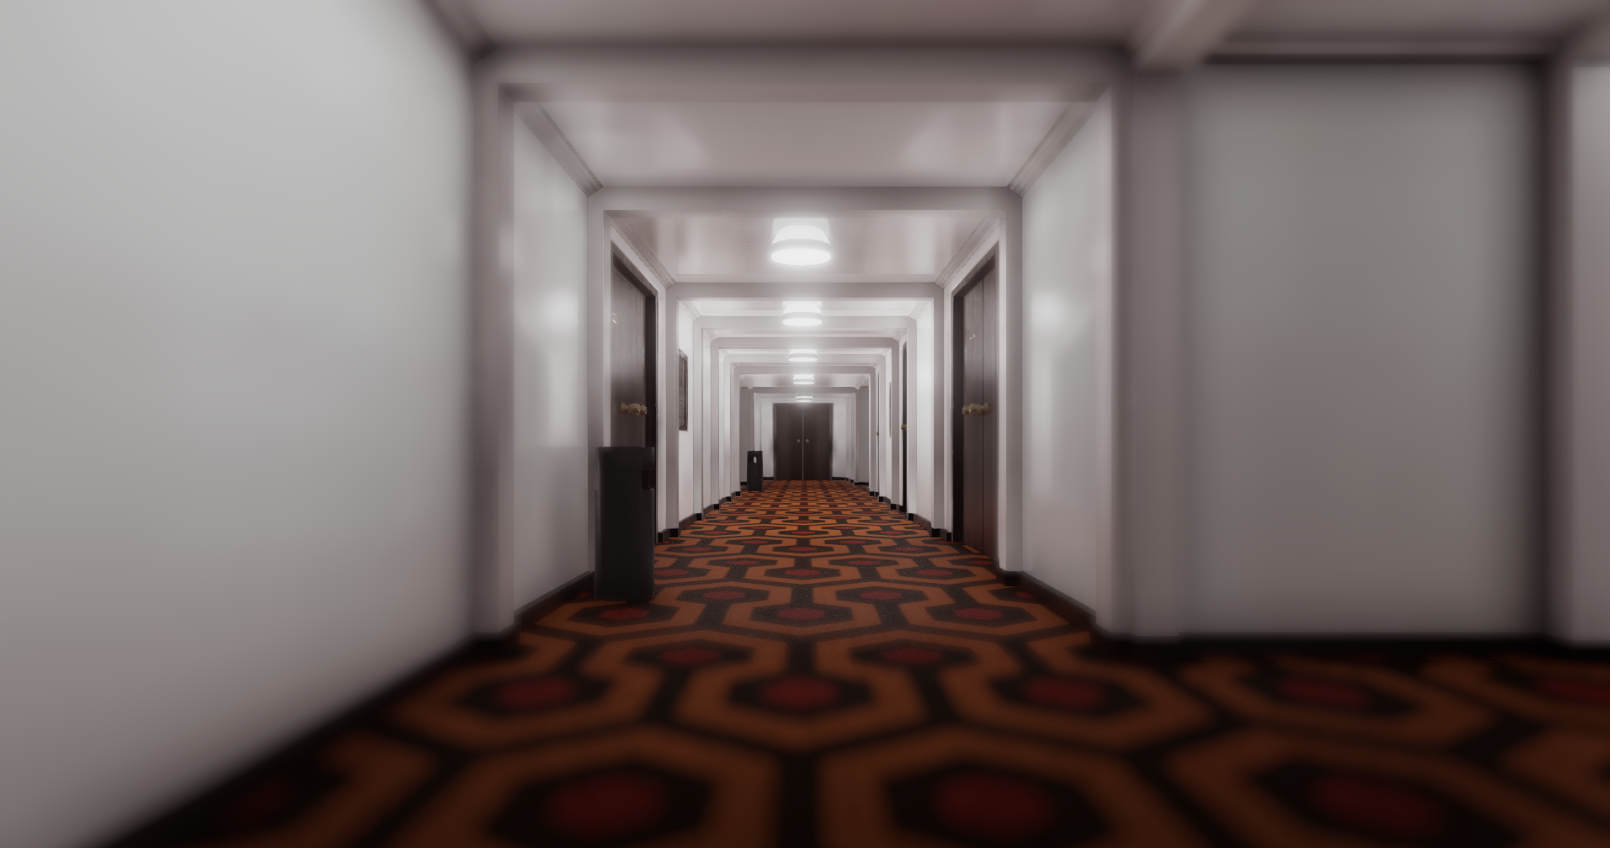 The Shining Corridor